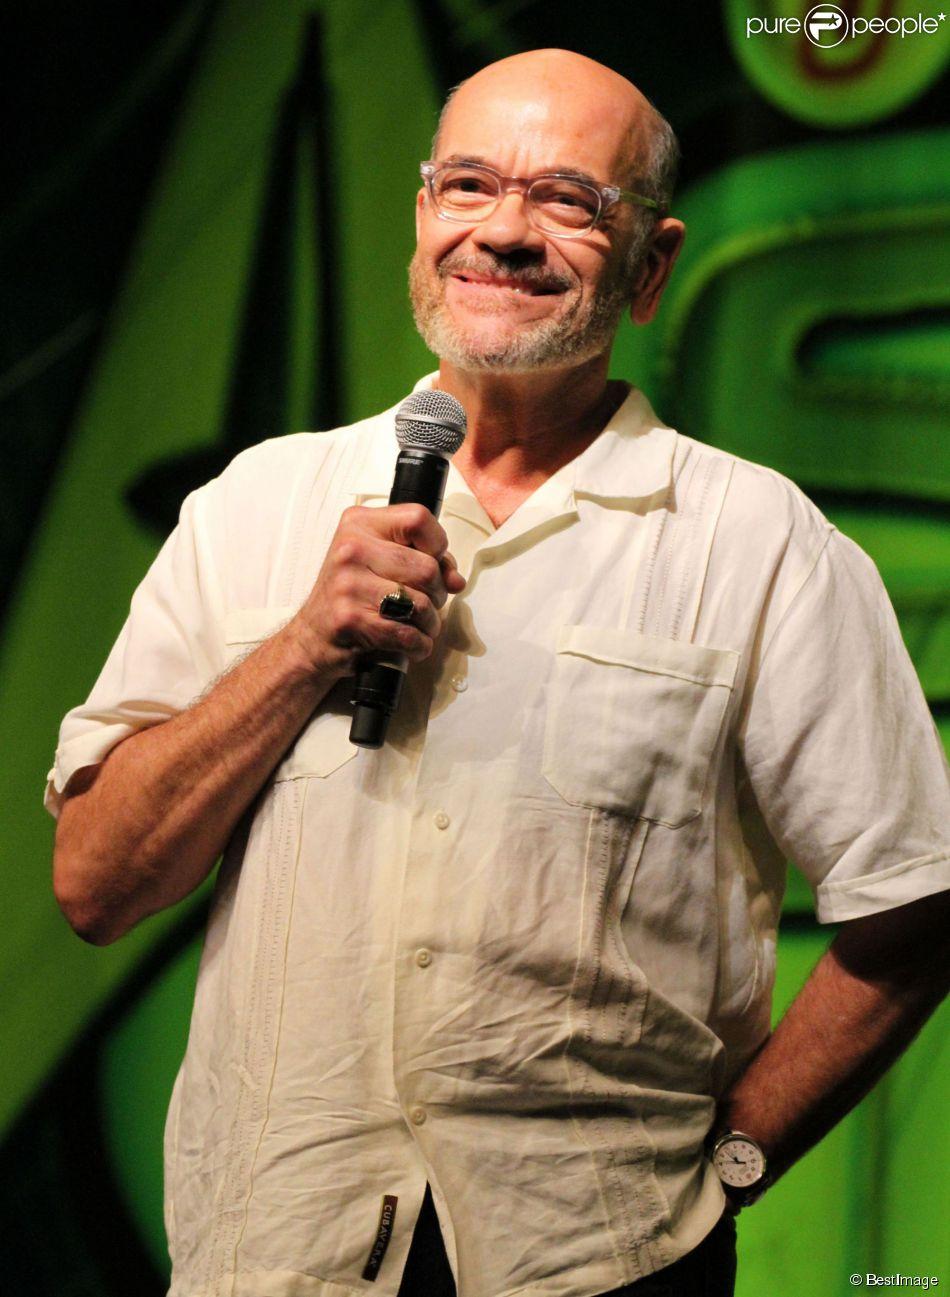 Robert Picardo lors du premier jour de la convention Star Trek à Las Vegas, le 9 août 2012 au Roddenberry Theatre situé au Rio Hotel And Casino